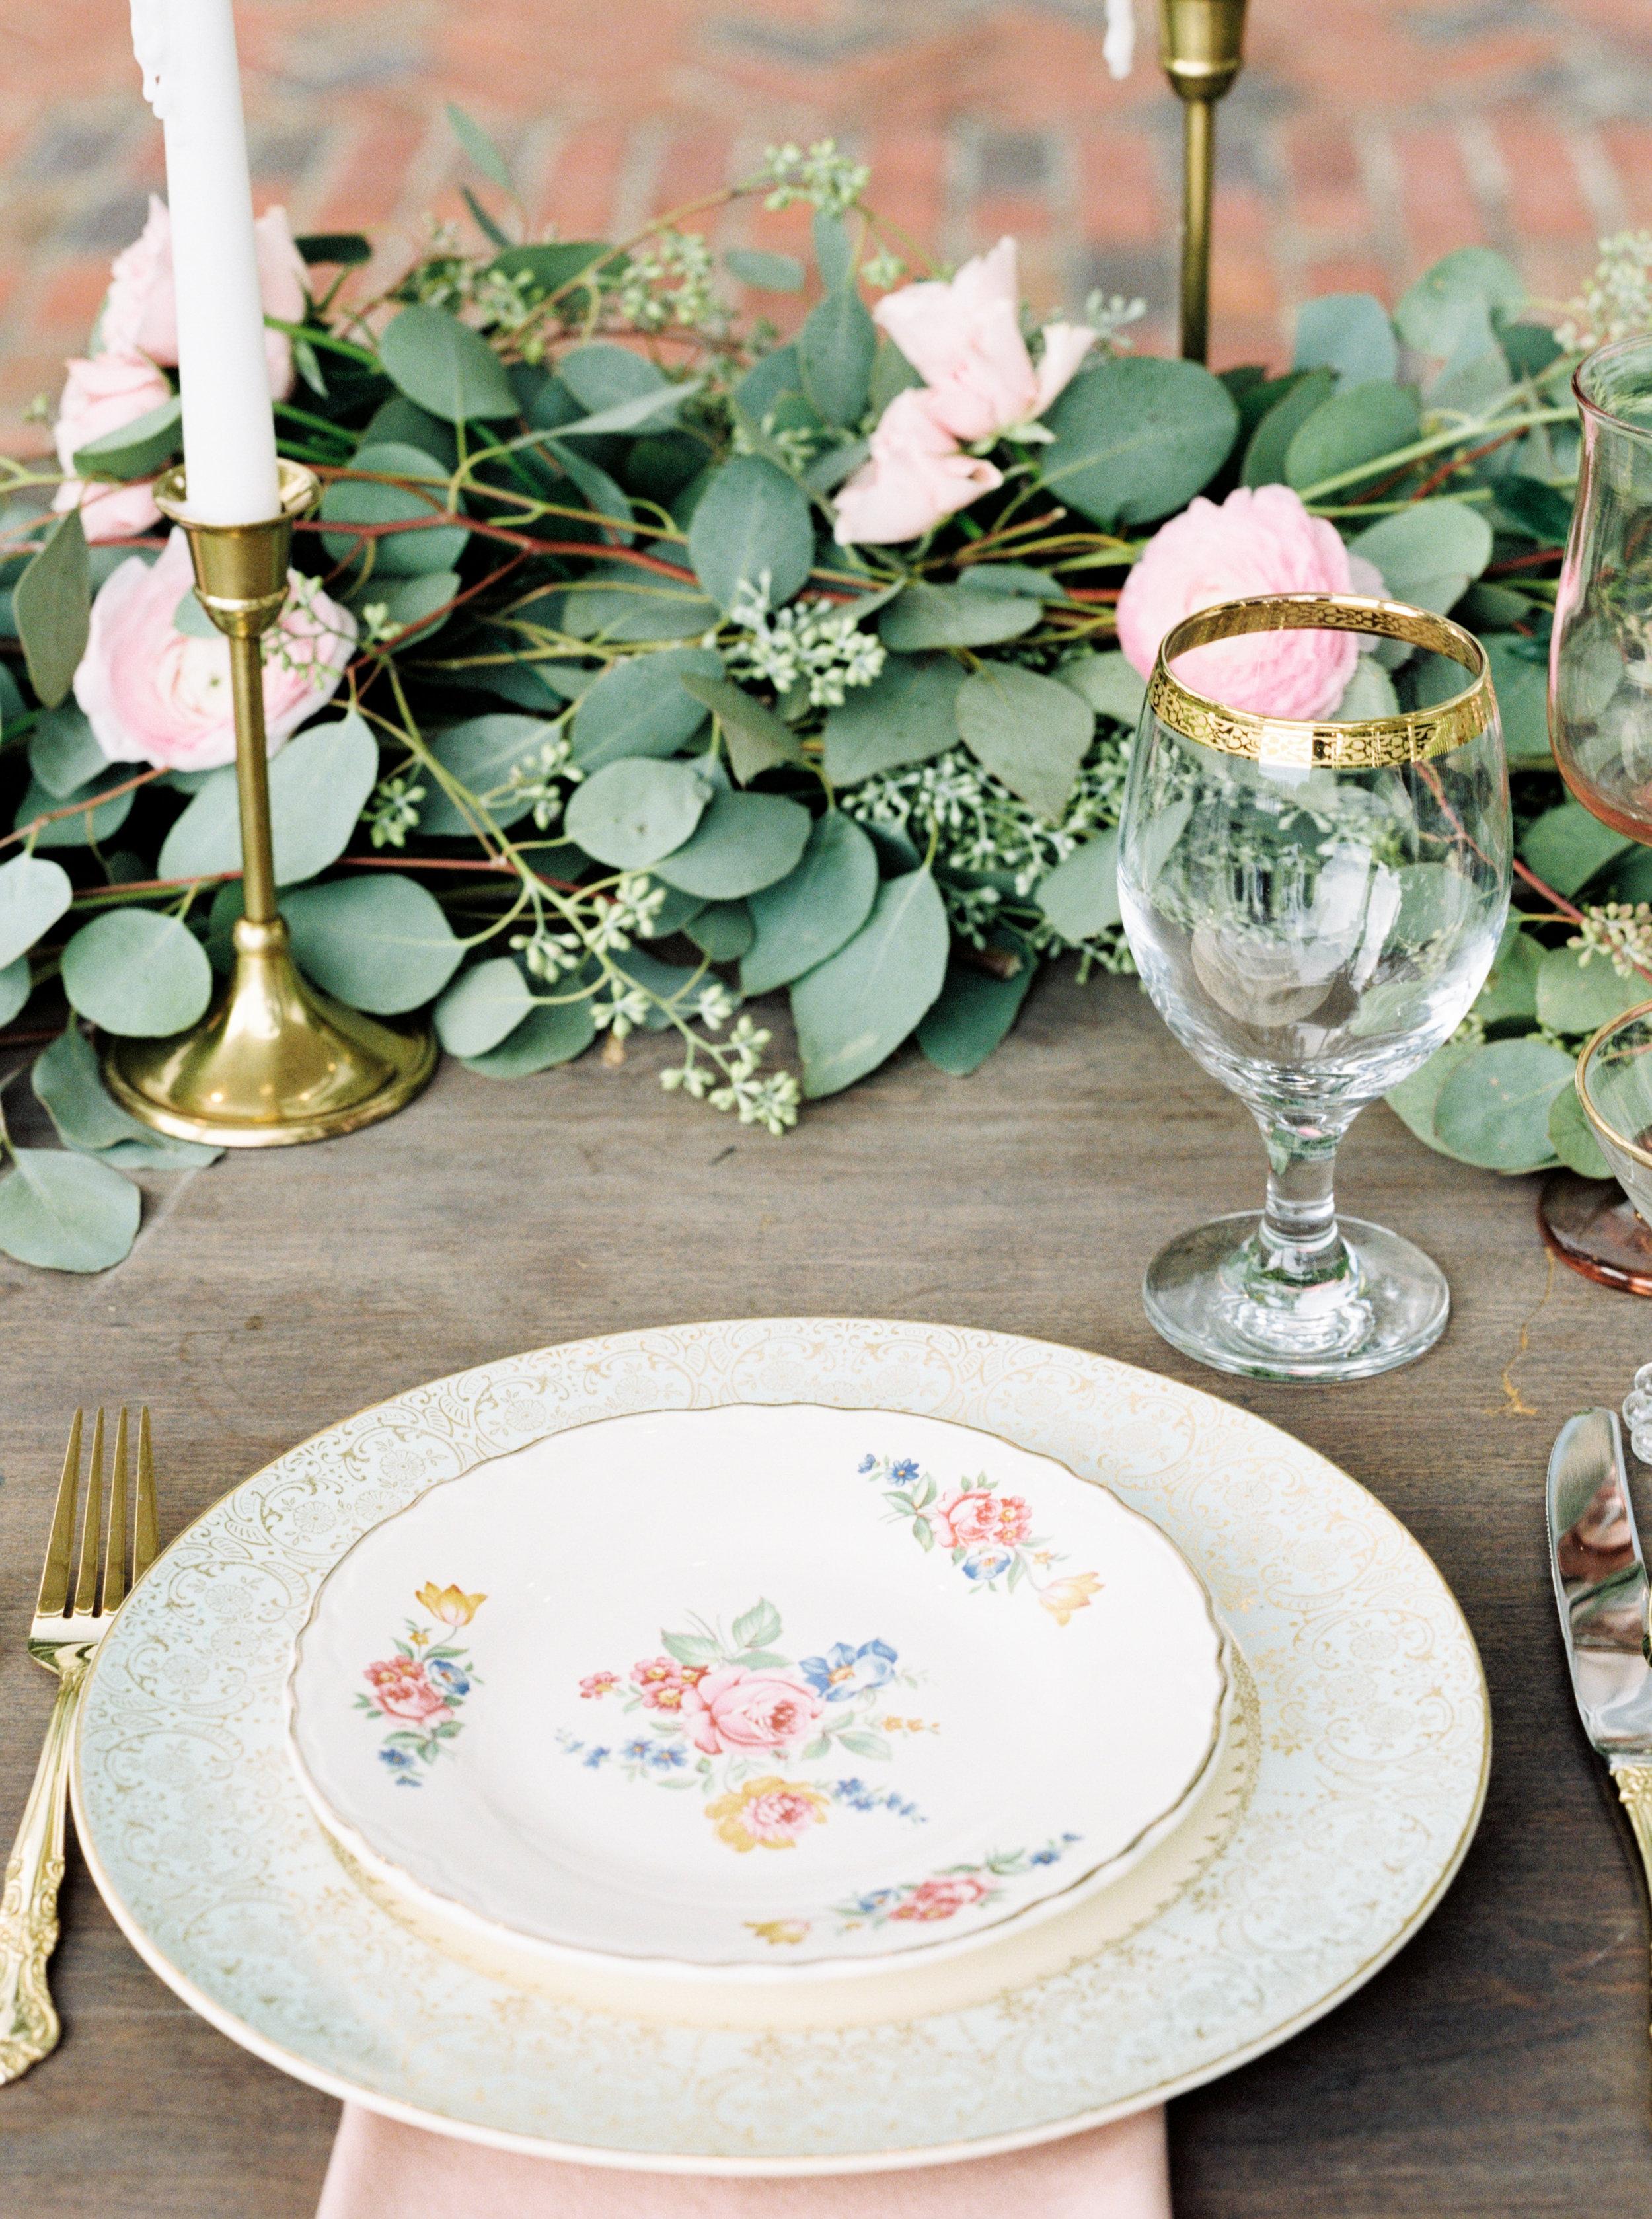 cypress grove estate house orlando florida wedding photos, table scape of sweetheart table